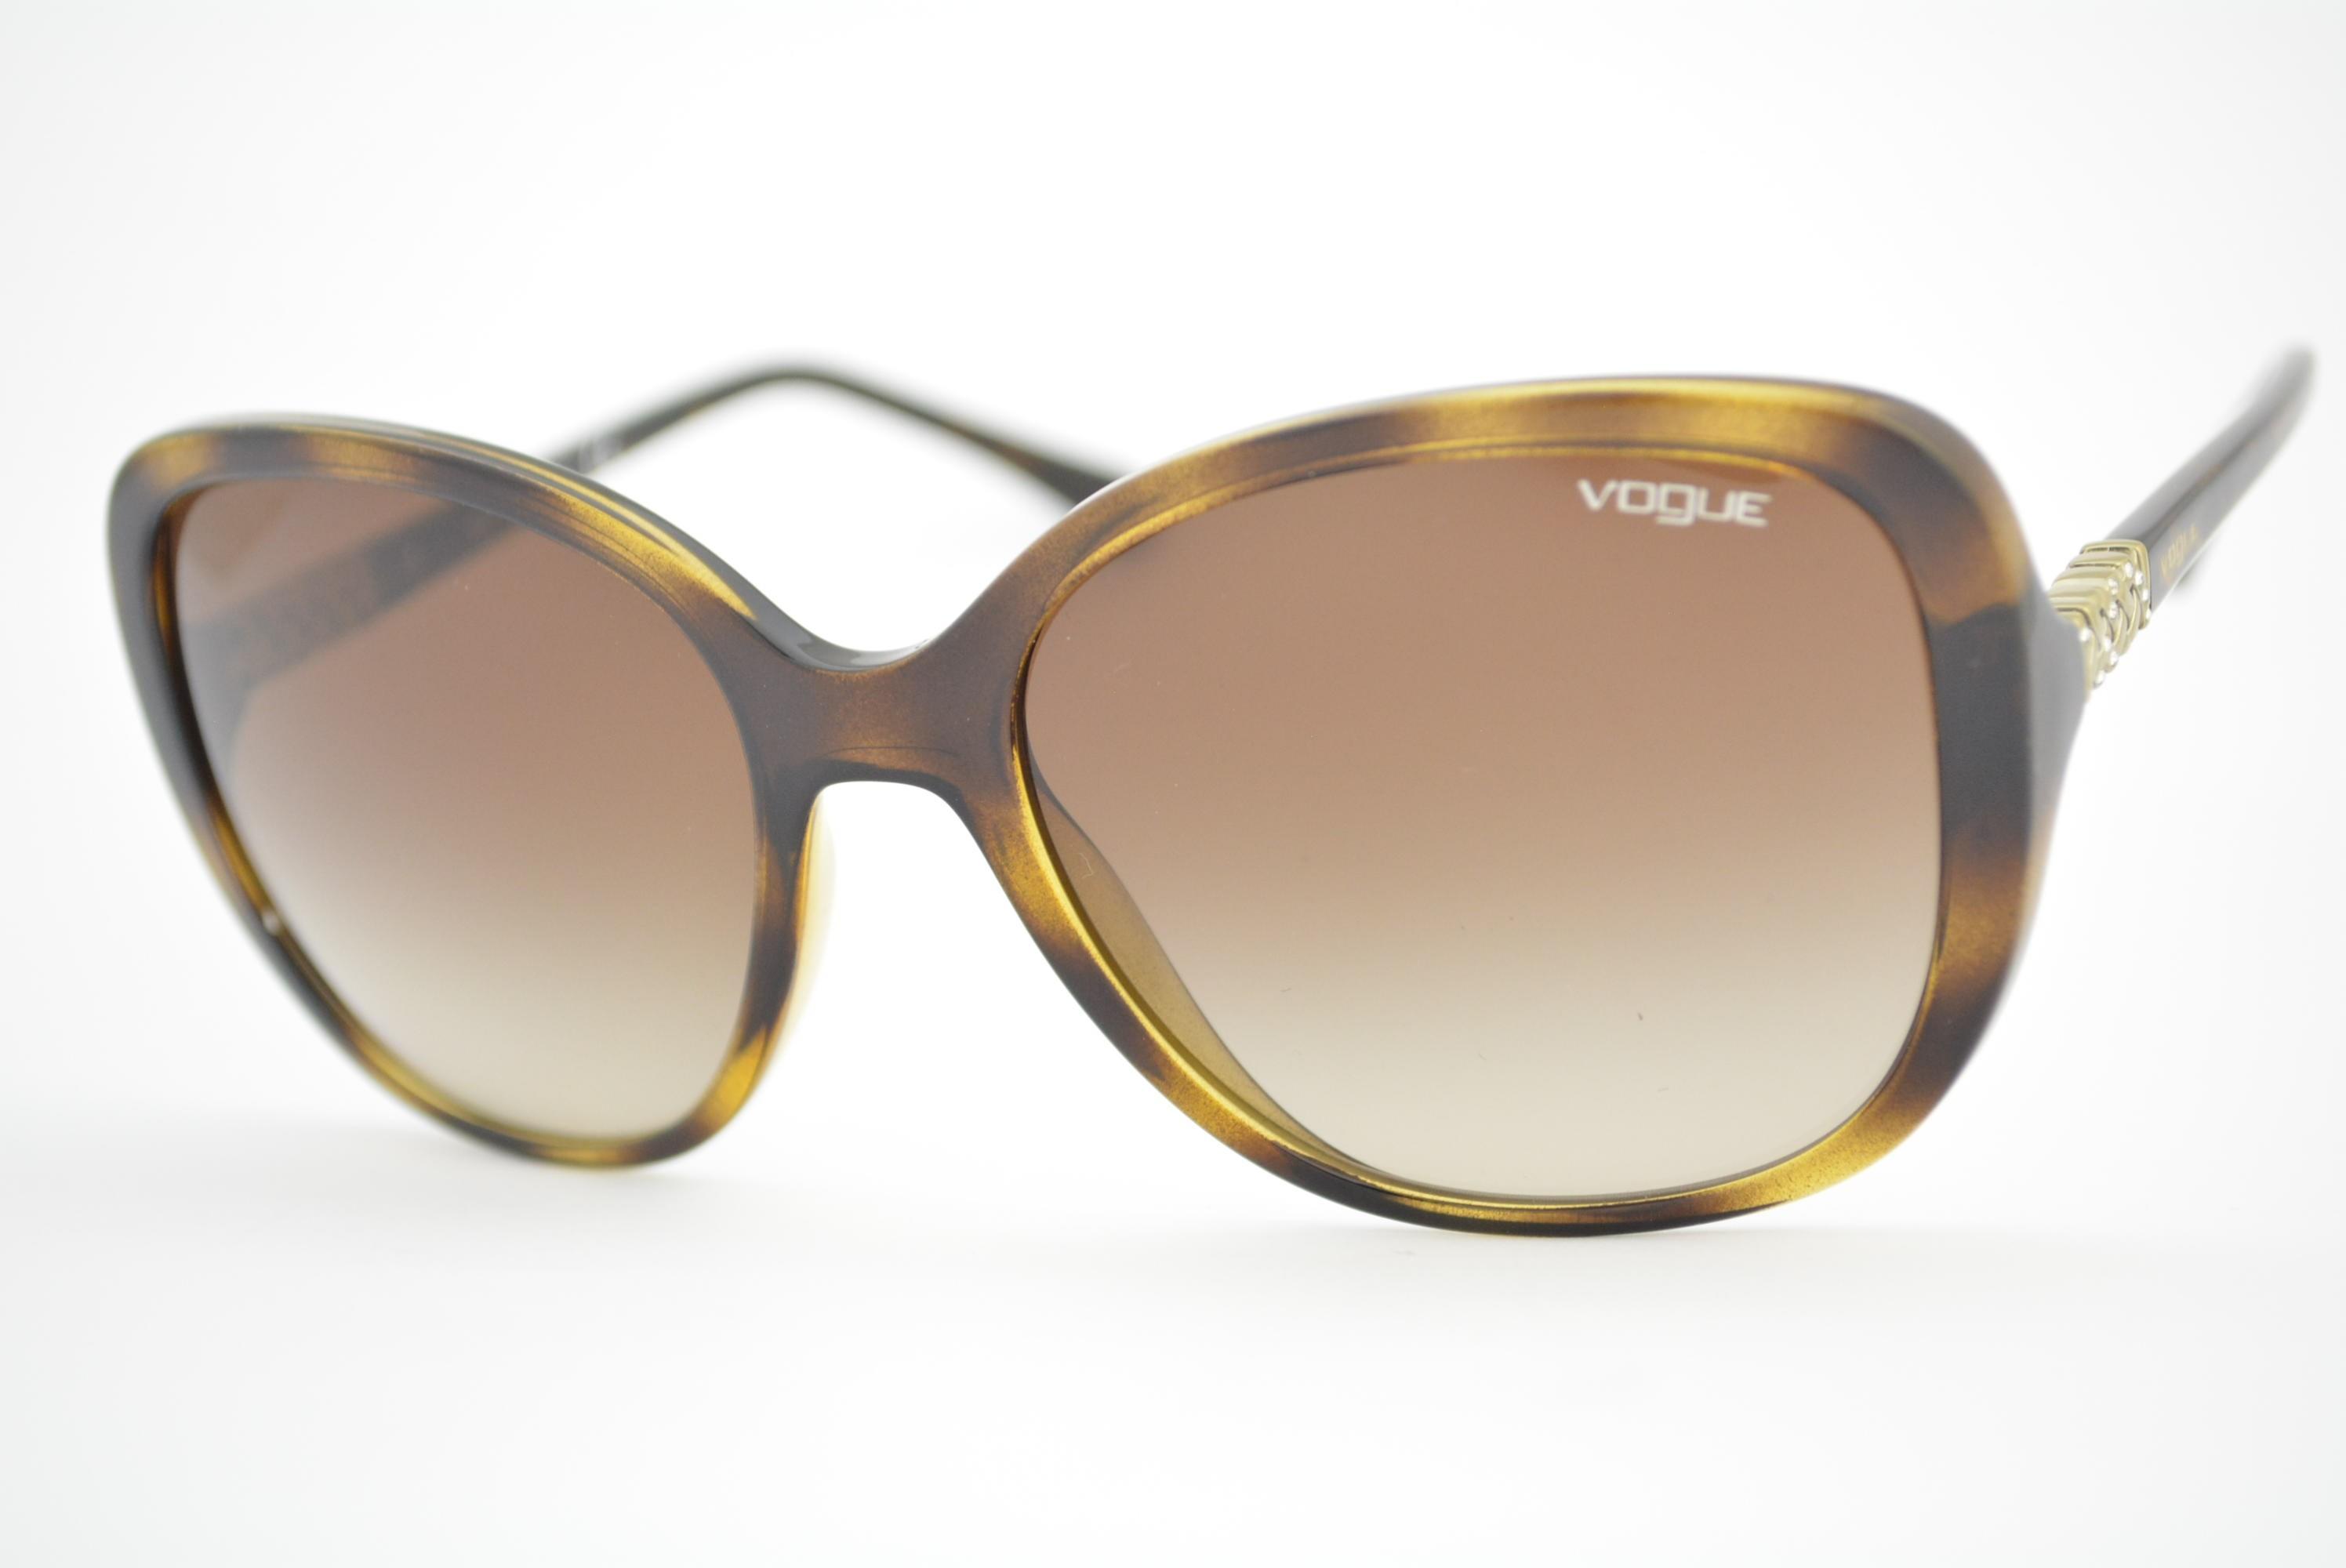 óculos de sol Vogue mod vo5154-SB w65613 Ótica Cardoso 50fda3eff6